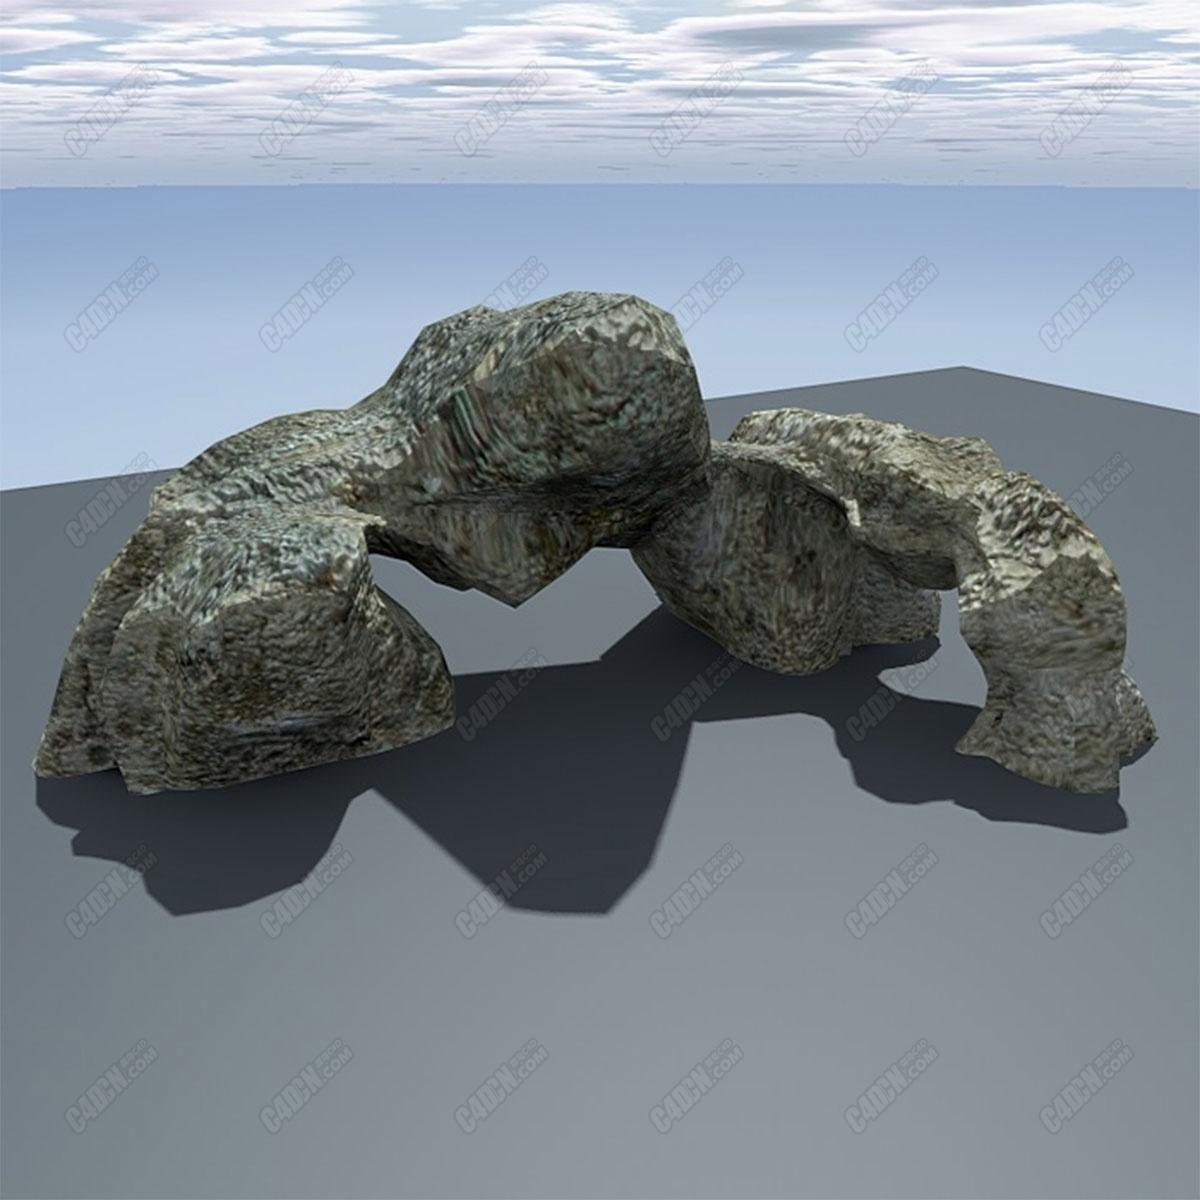 C4D模型整块巨大假山演示观赏岩下载